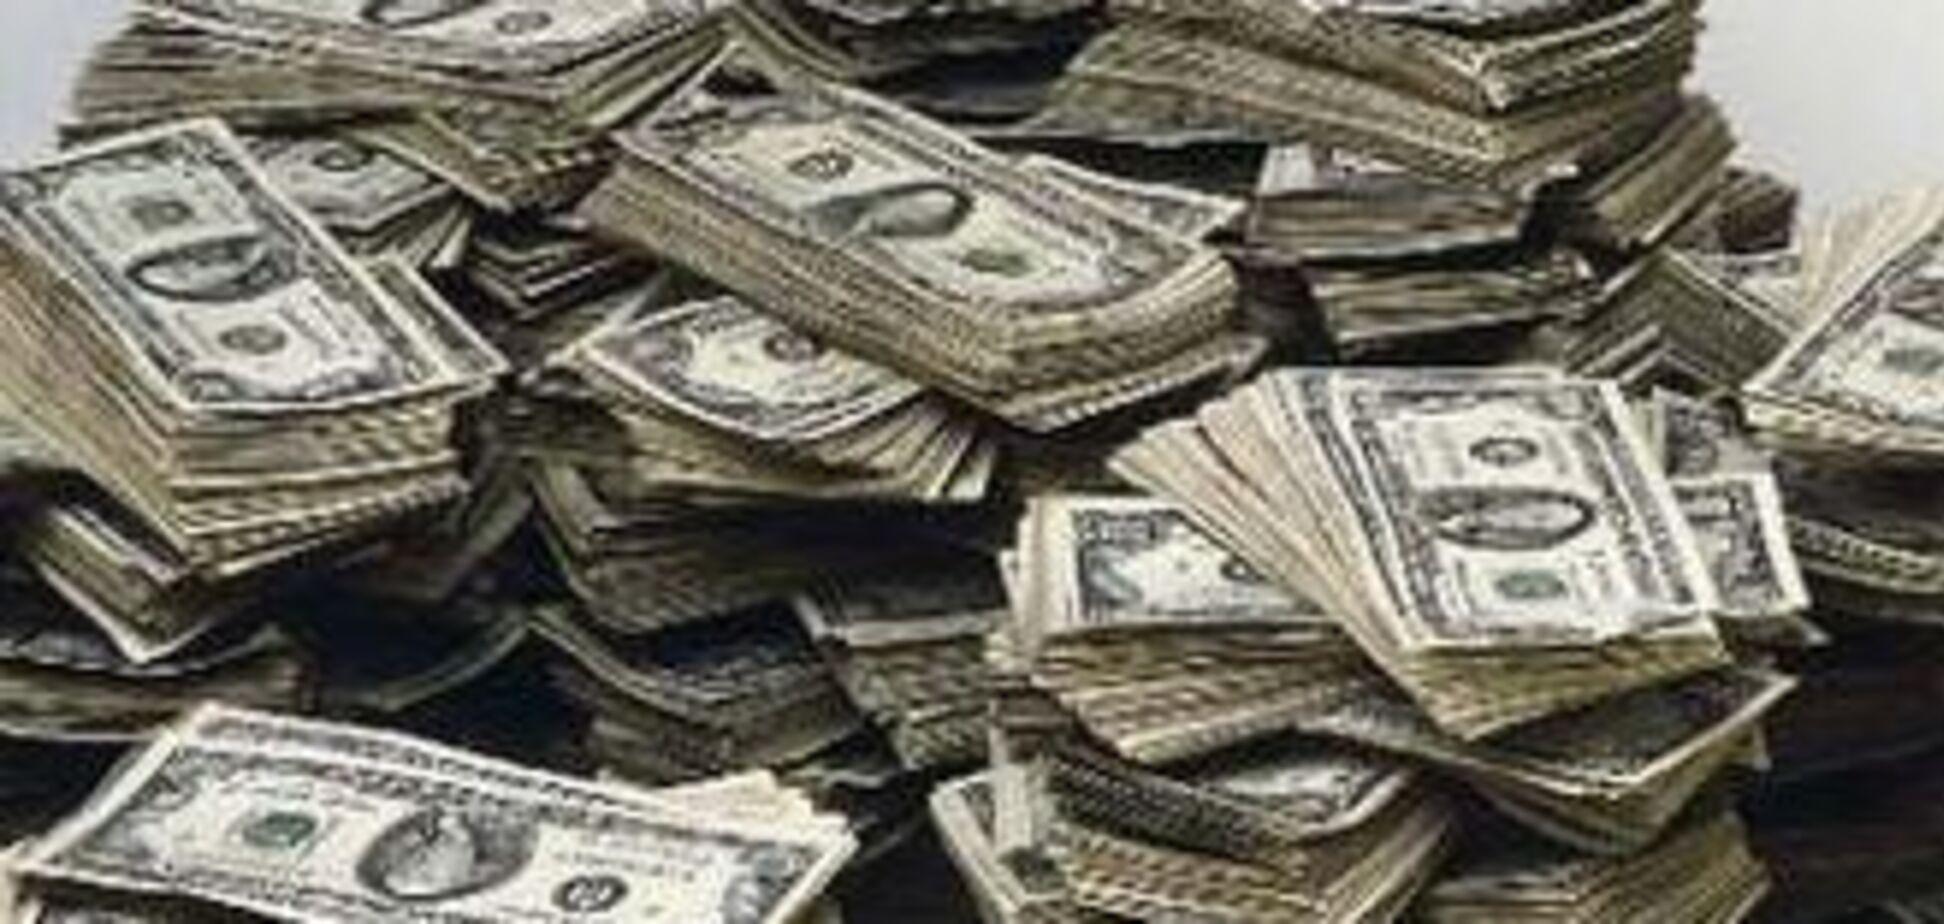 Митниця знайшла в матрацах 3,3 мільйона доларів